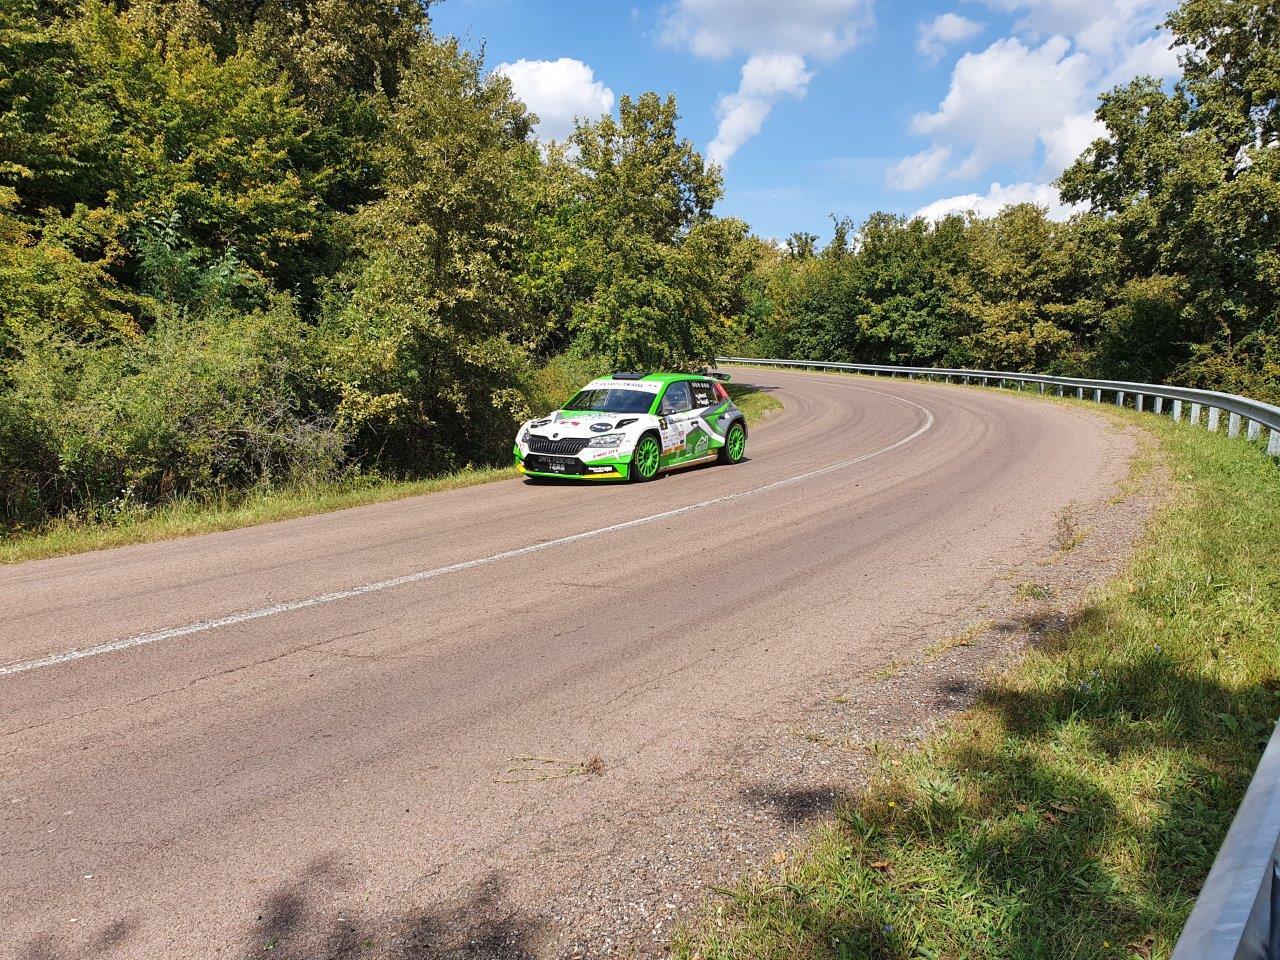 Vincze Ferencék nyerték az Eger rallyt